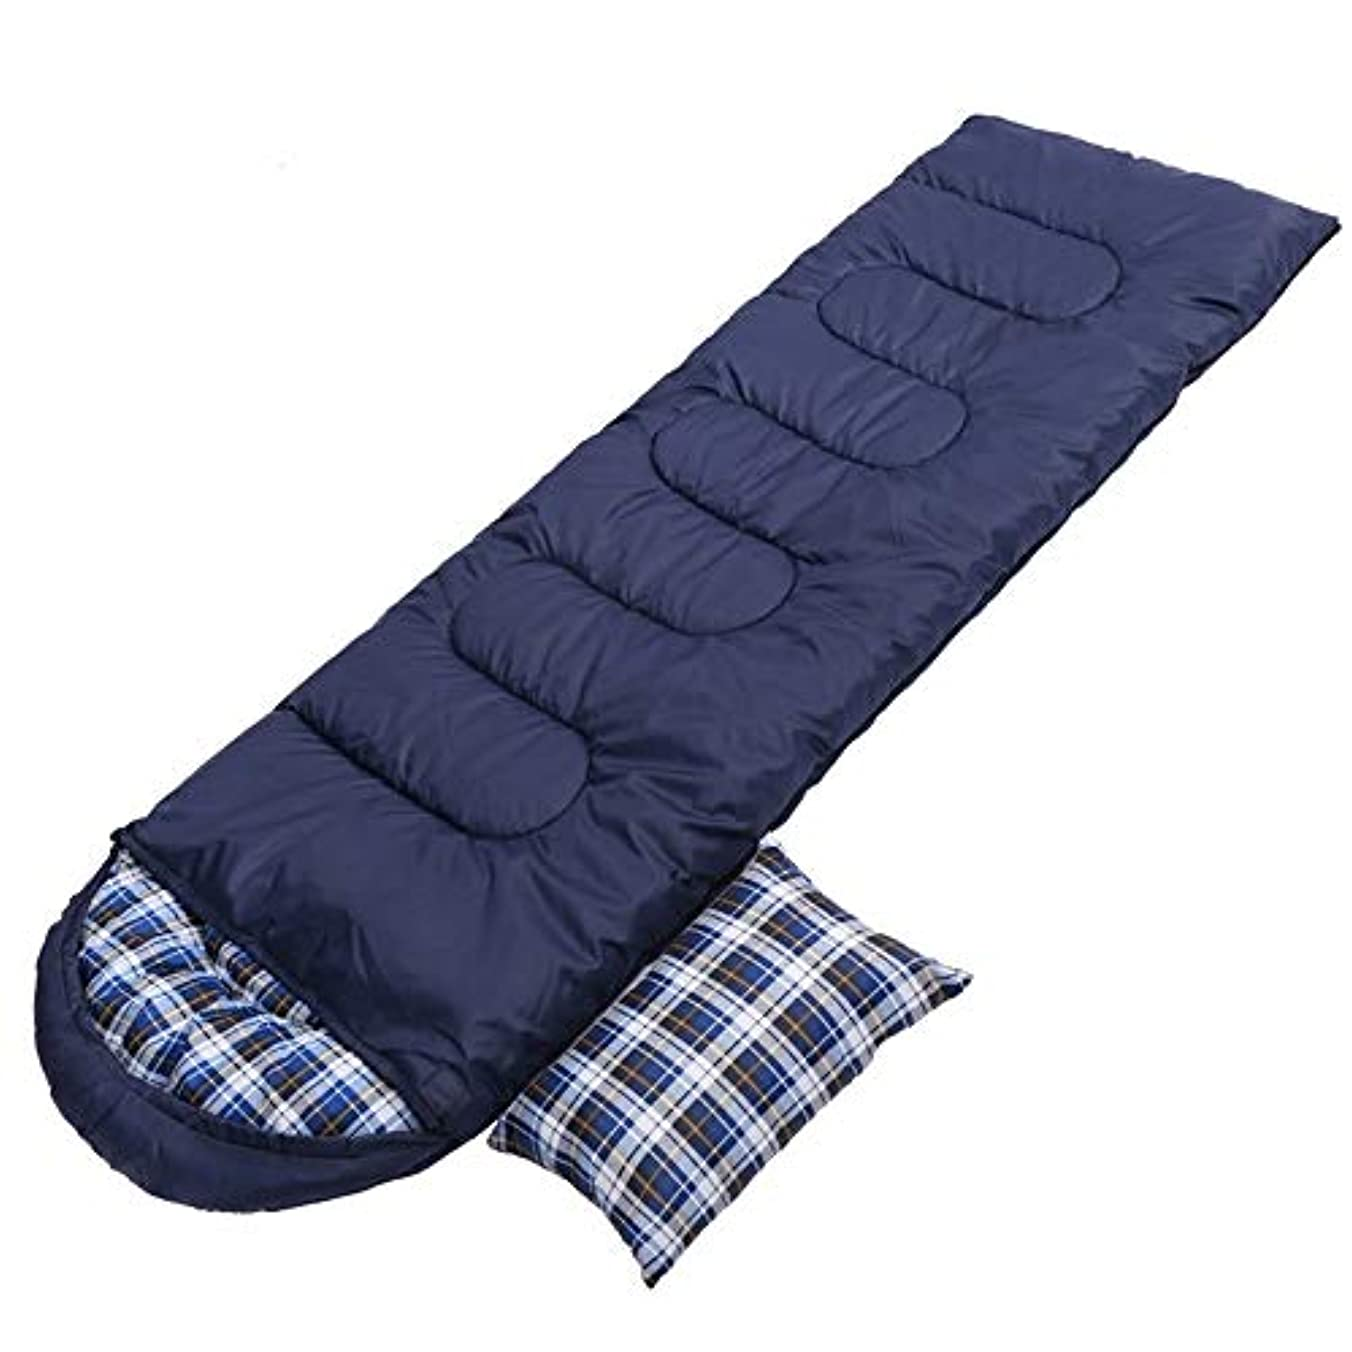 高める修道院蘇生するIAIZI 屋外の寝袋秋冬旅行キャンプ厚い暖かい黒ダークブルー (Color : A, Size : A)